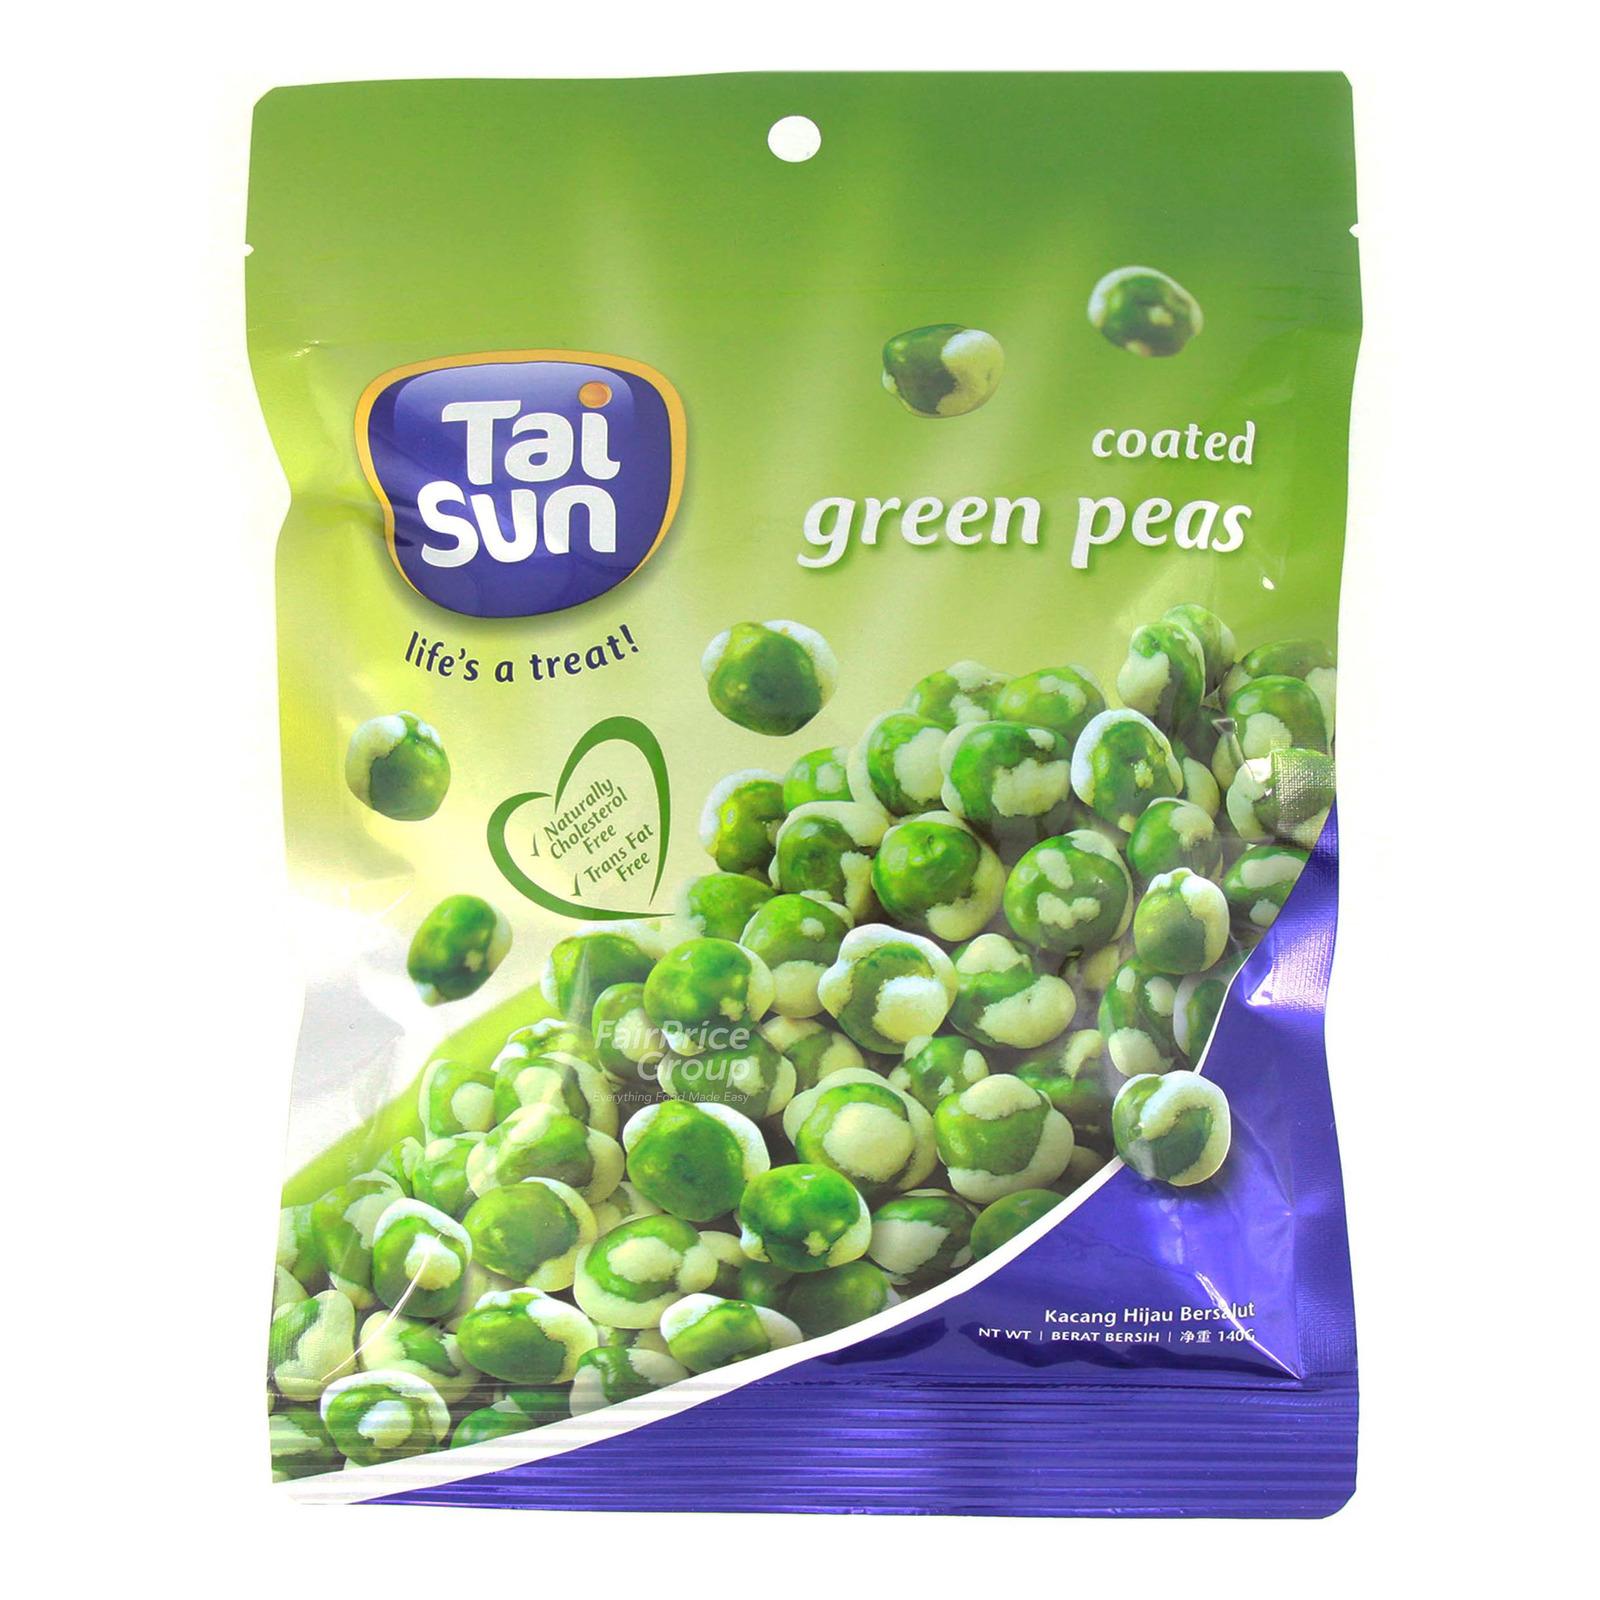 TAI SUN Coated Green Peas 140g